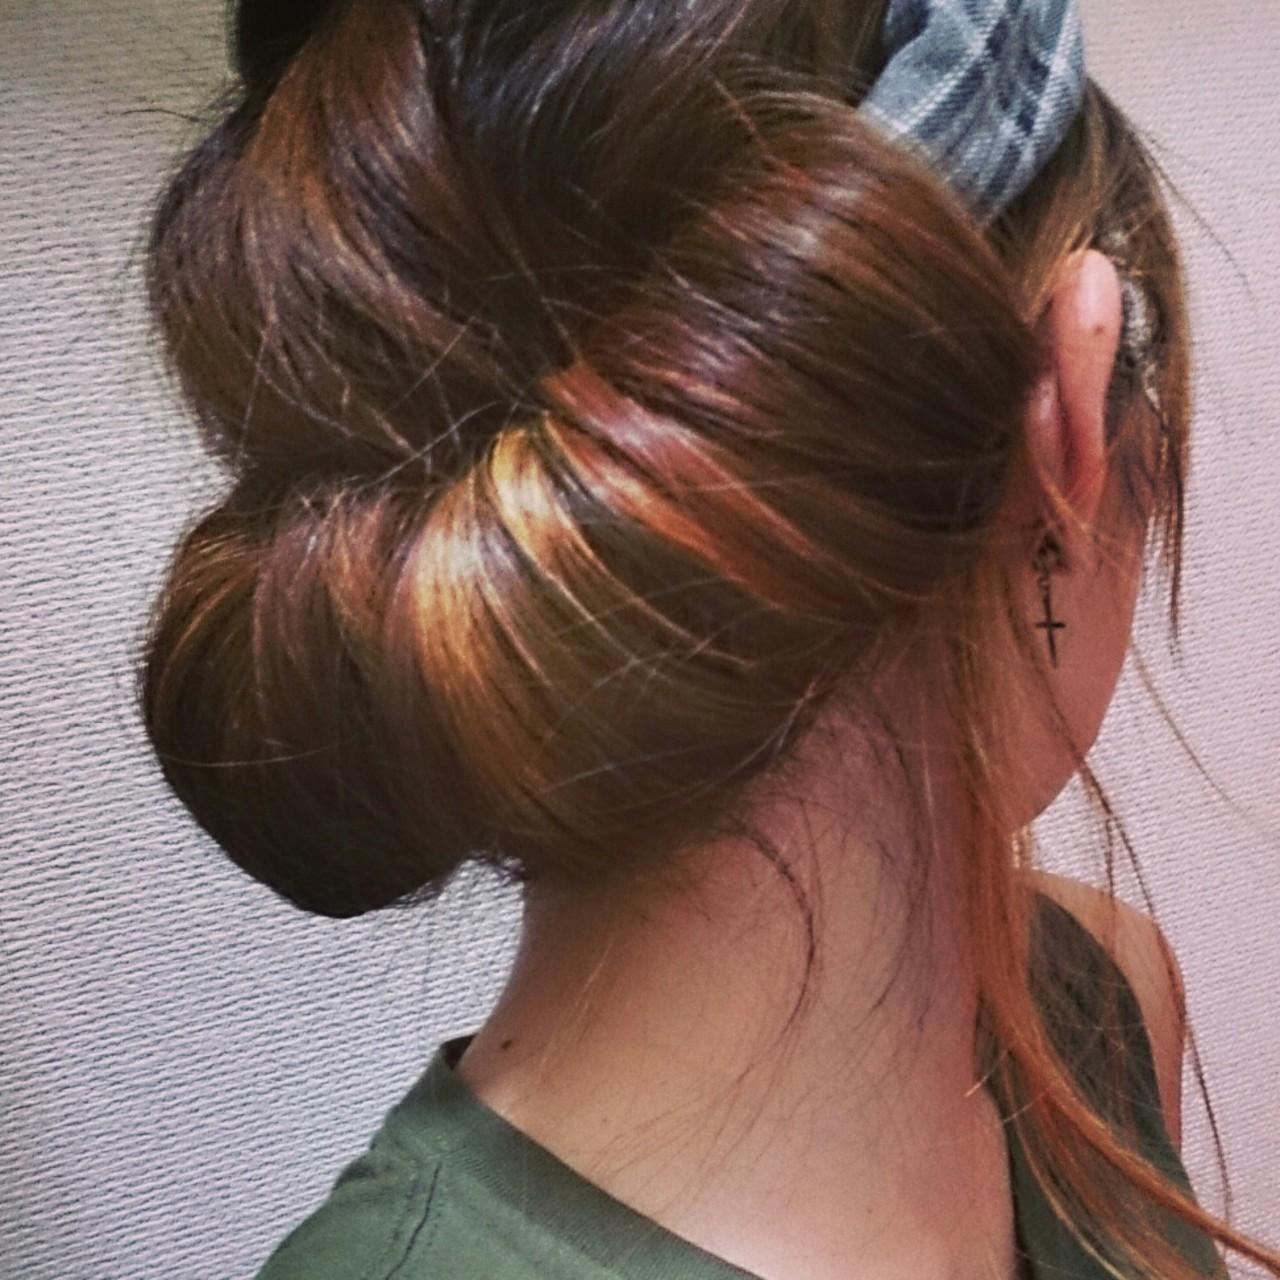 ヘアバンドでおしゃれな大人女子になろう。髪の長さ別付け方を紹介の8枚目の画像